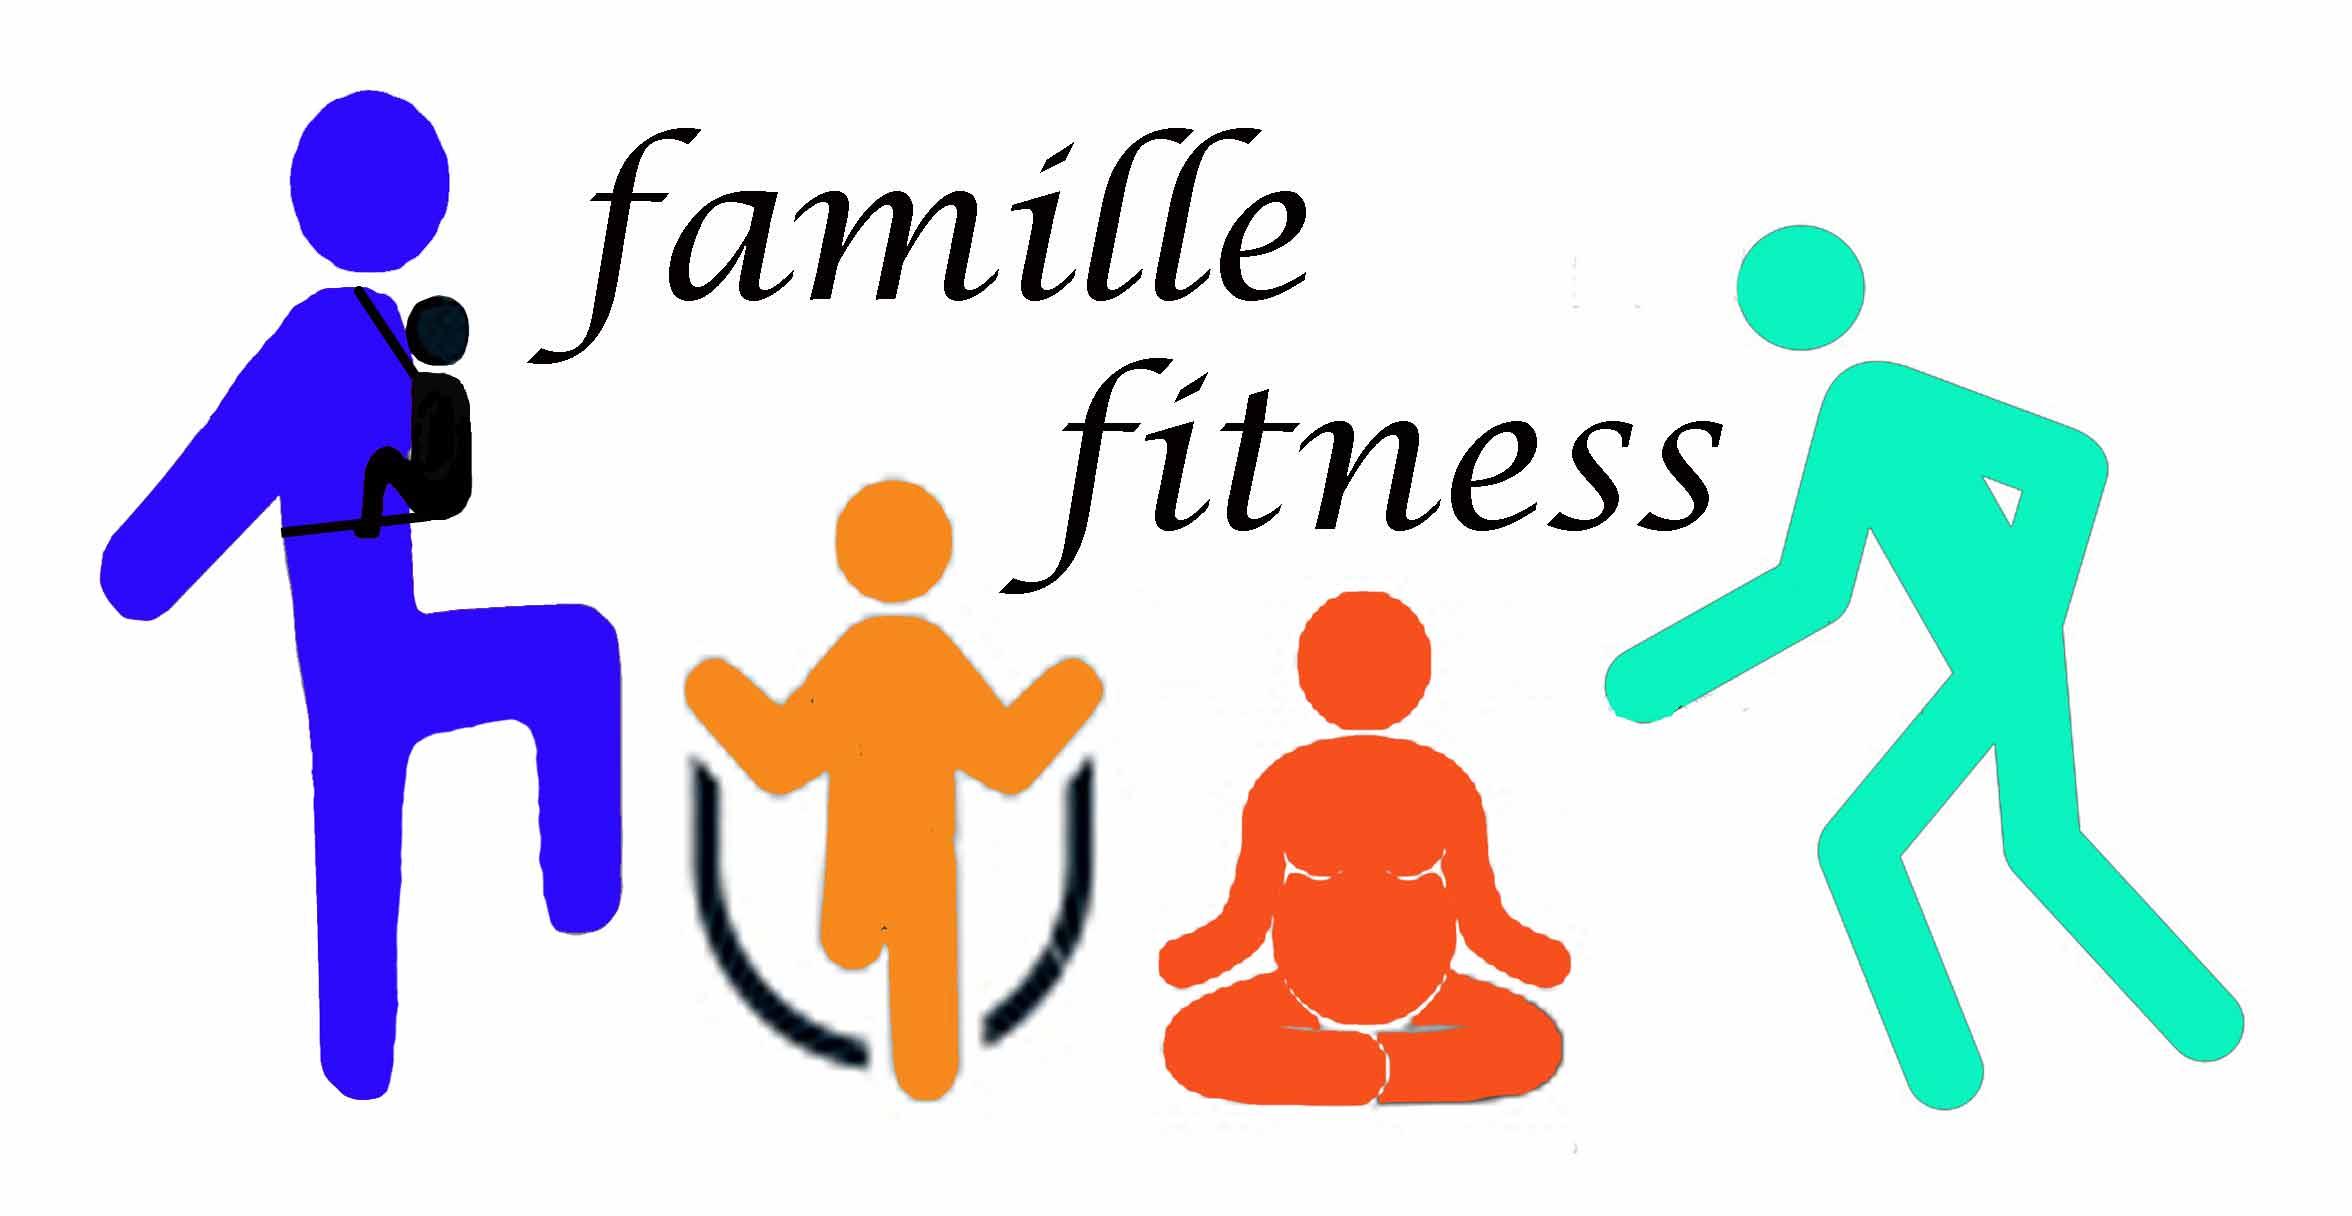 télécharger image logo famille